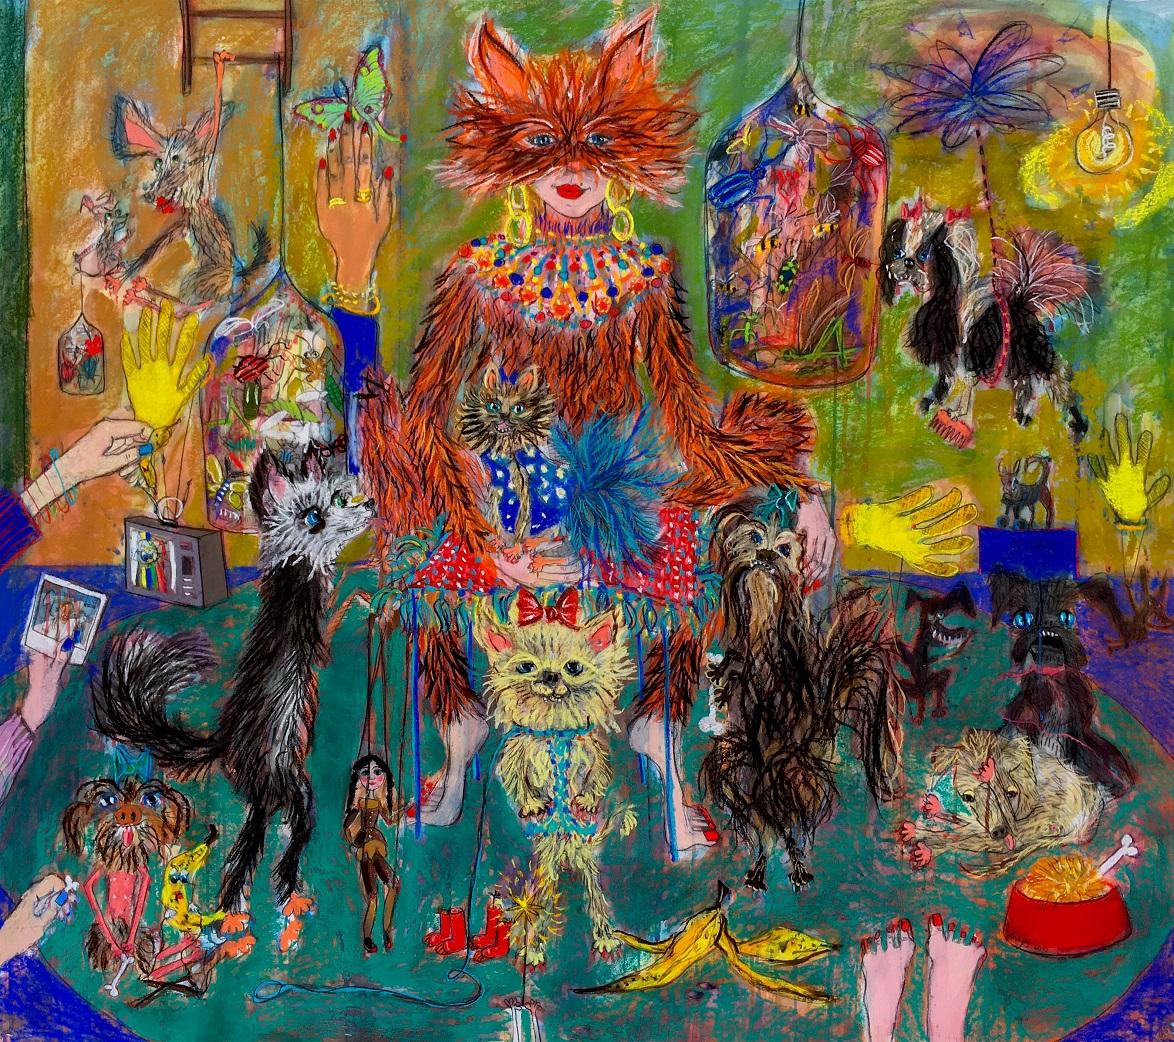 Мир животных и немного людей. Freya Pocklington колледж, художественный, Эдинбургский, искусств, Hotels, аэропорт, Альберта, Музей, Королевская, шотландская, академия, Виктории, Глазго, наград, Живет, работает, Лондоне, выставок, Много, Чичестерский